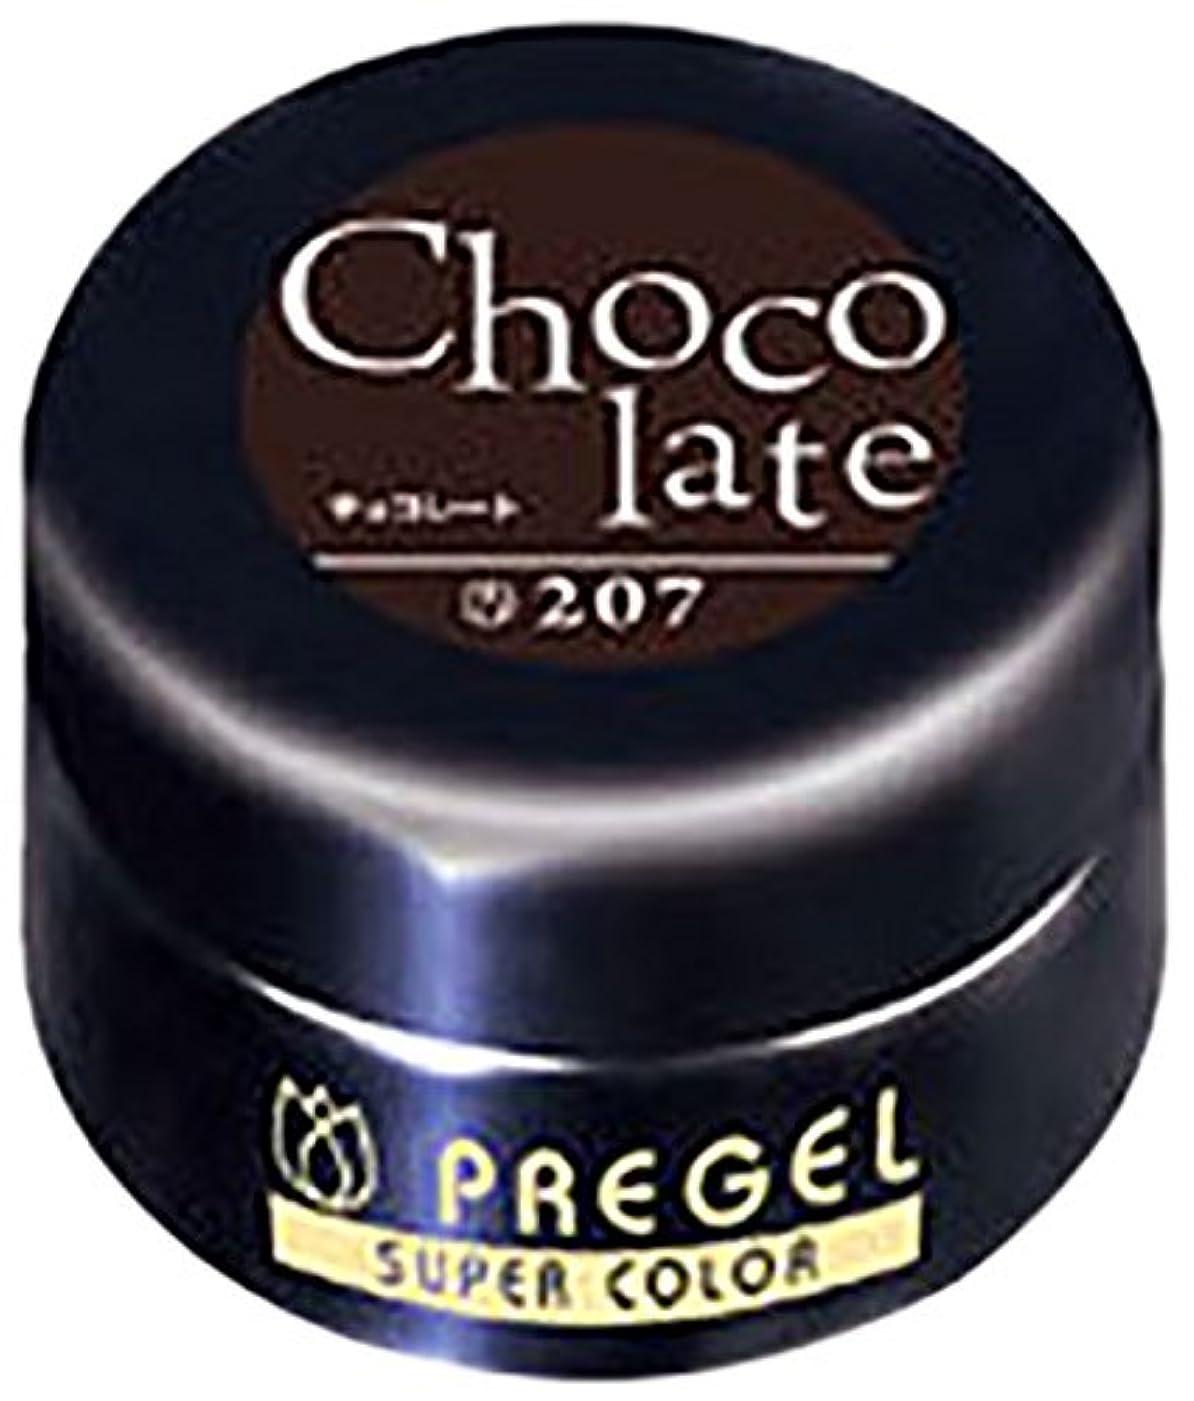 意欲国勢調査痴漢プリジェル ジェルネイル スーパーカラーEX チョコレート 4g PG-SE207